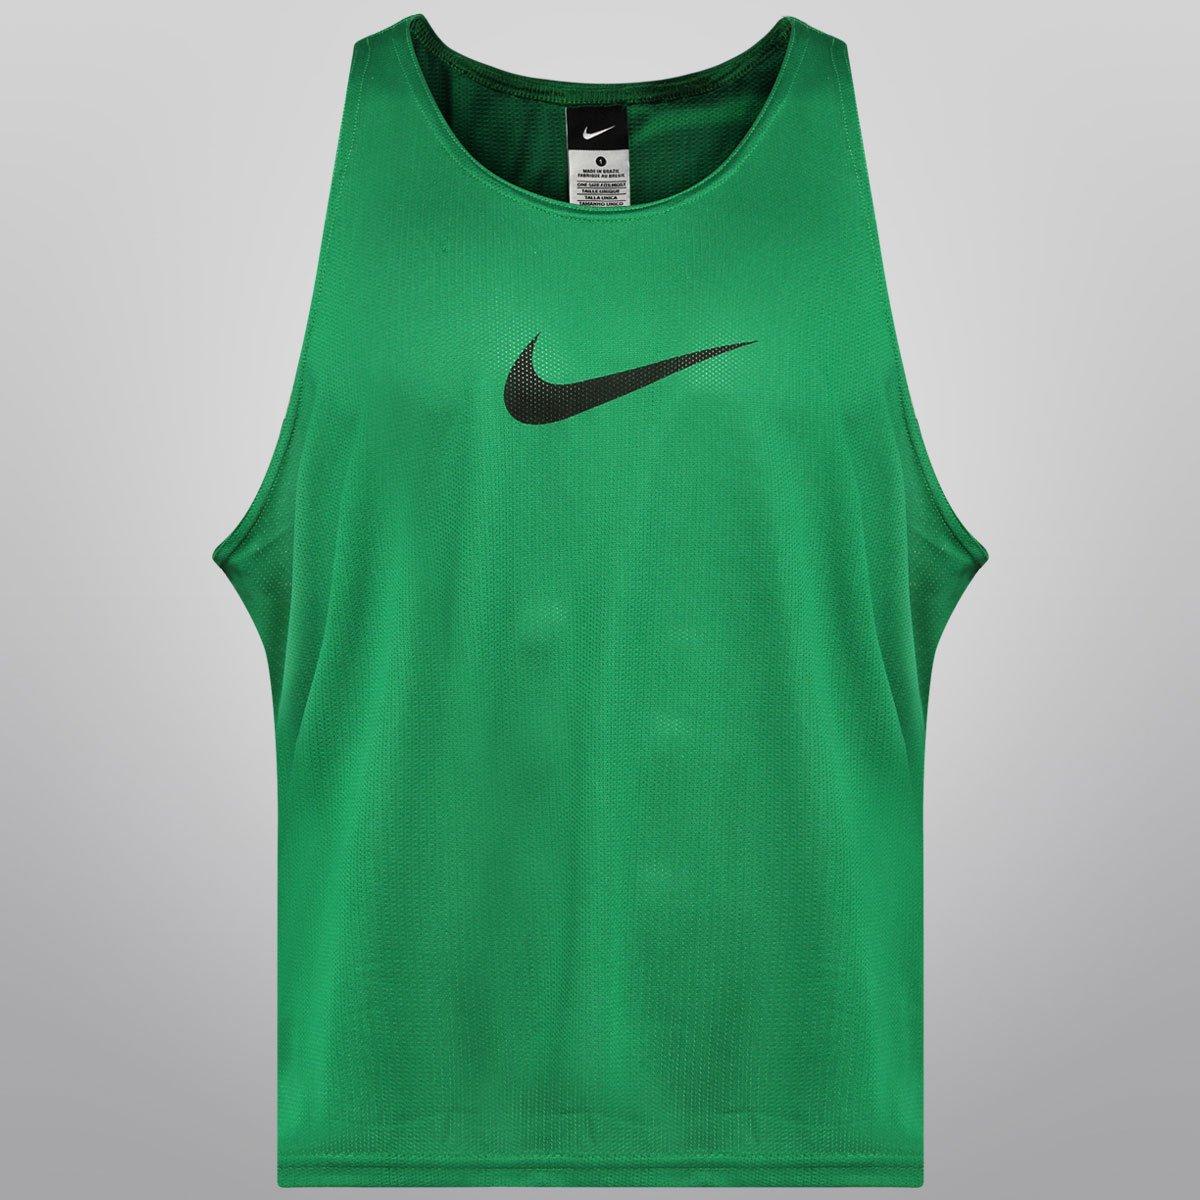 Colete Nike - Compre Agora  c5f45bd8a1bd1